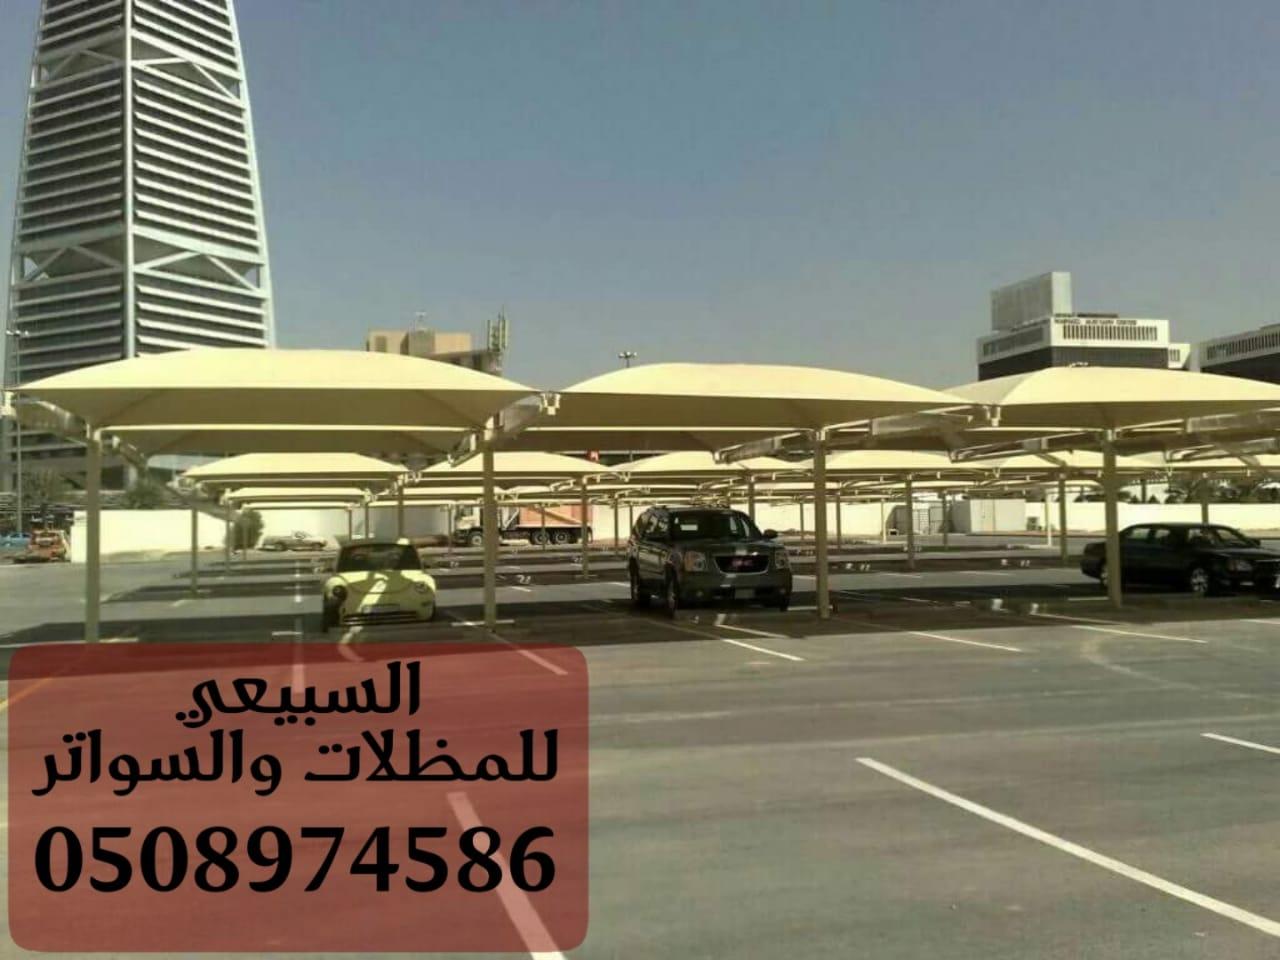 مظلات الرياض تركيب مظلات سيارات